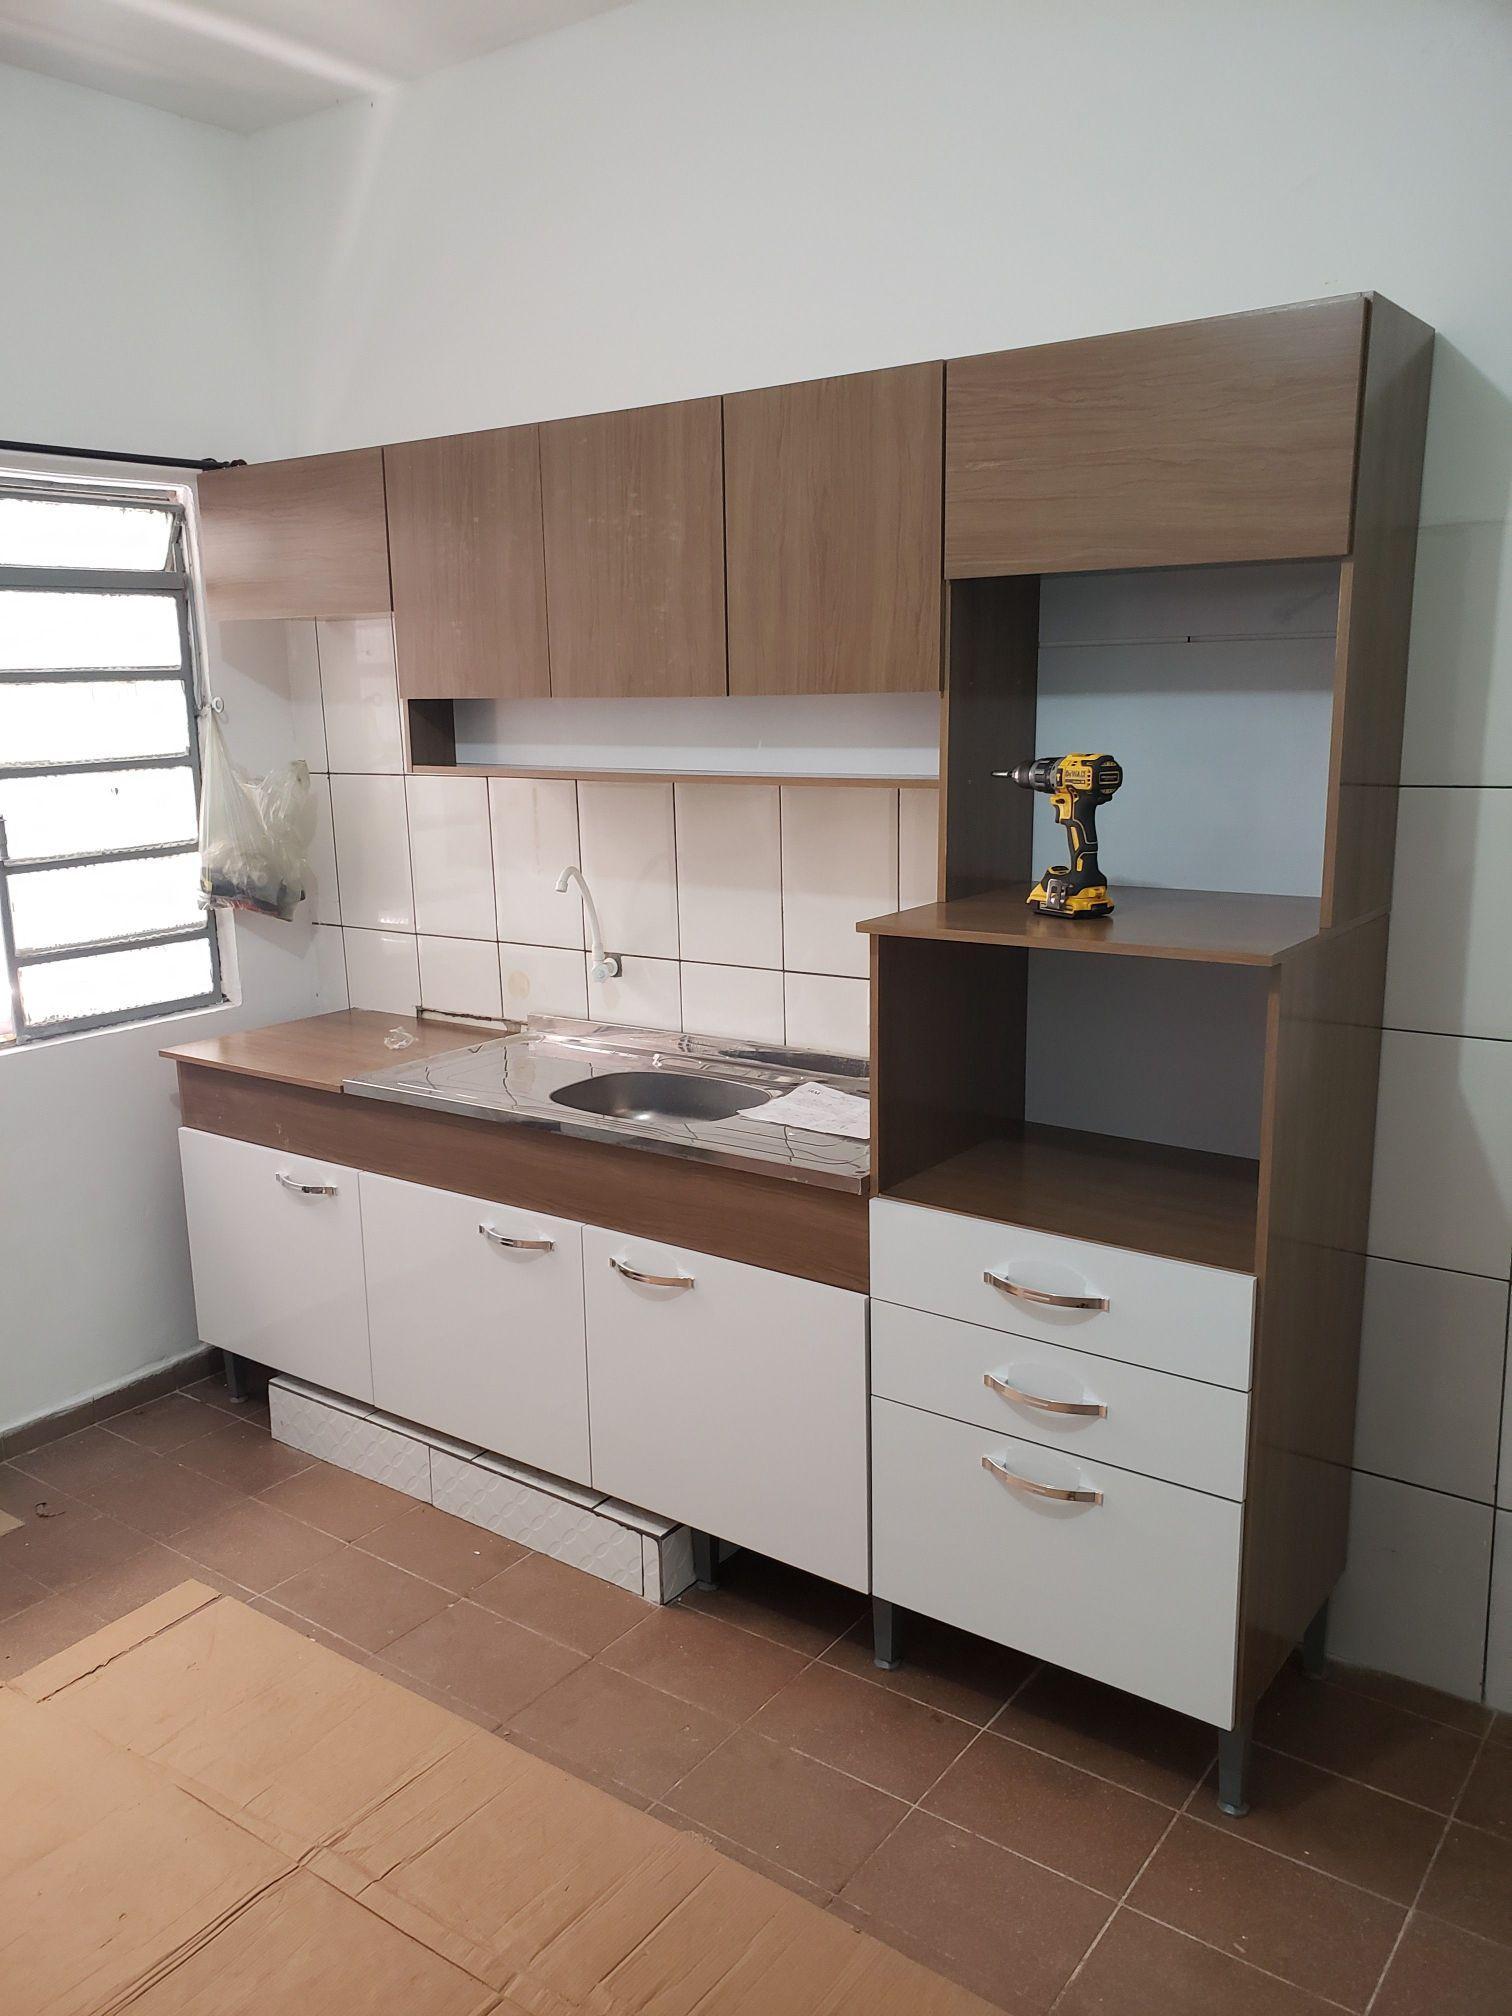 montagem de uma cozinha.